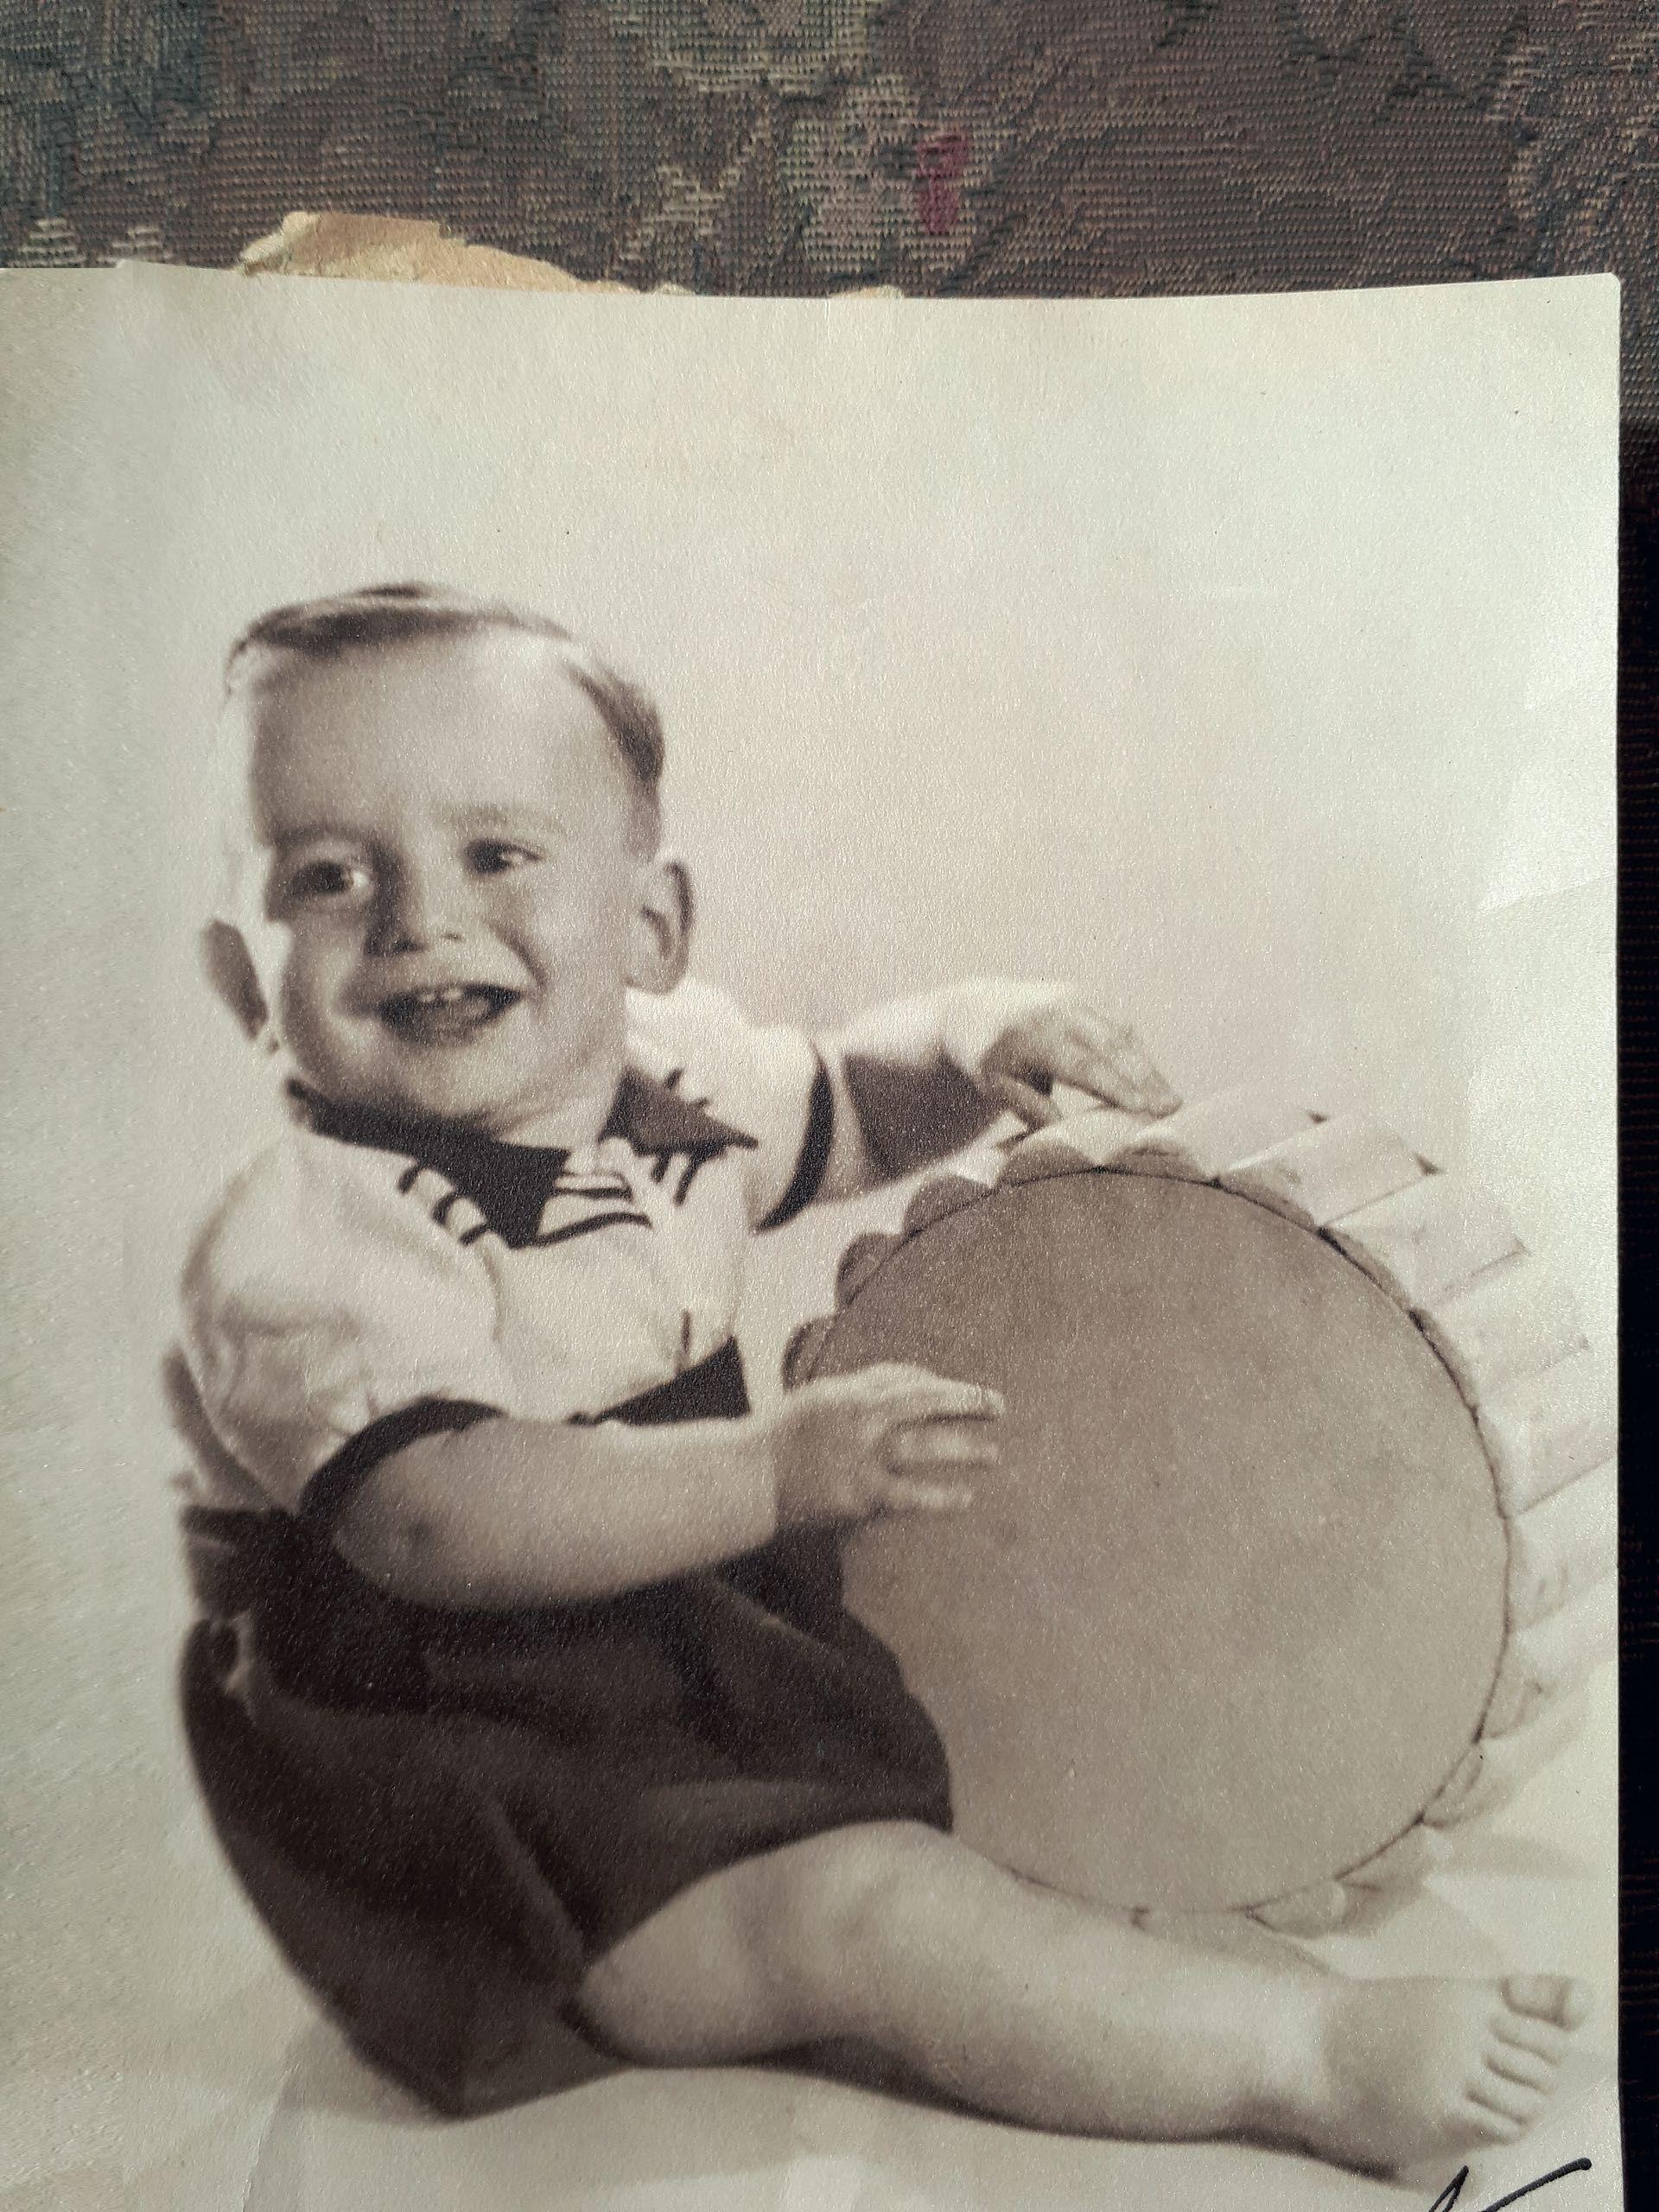 Jorge en su niñez, con la ancha sonrisa que lo caracterizó siempre. (Foto Archivo Gente)